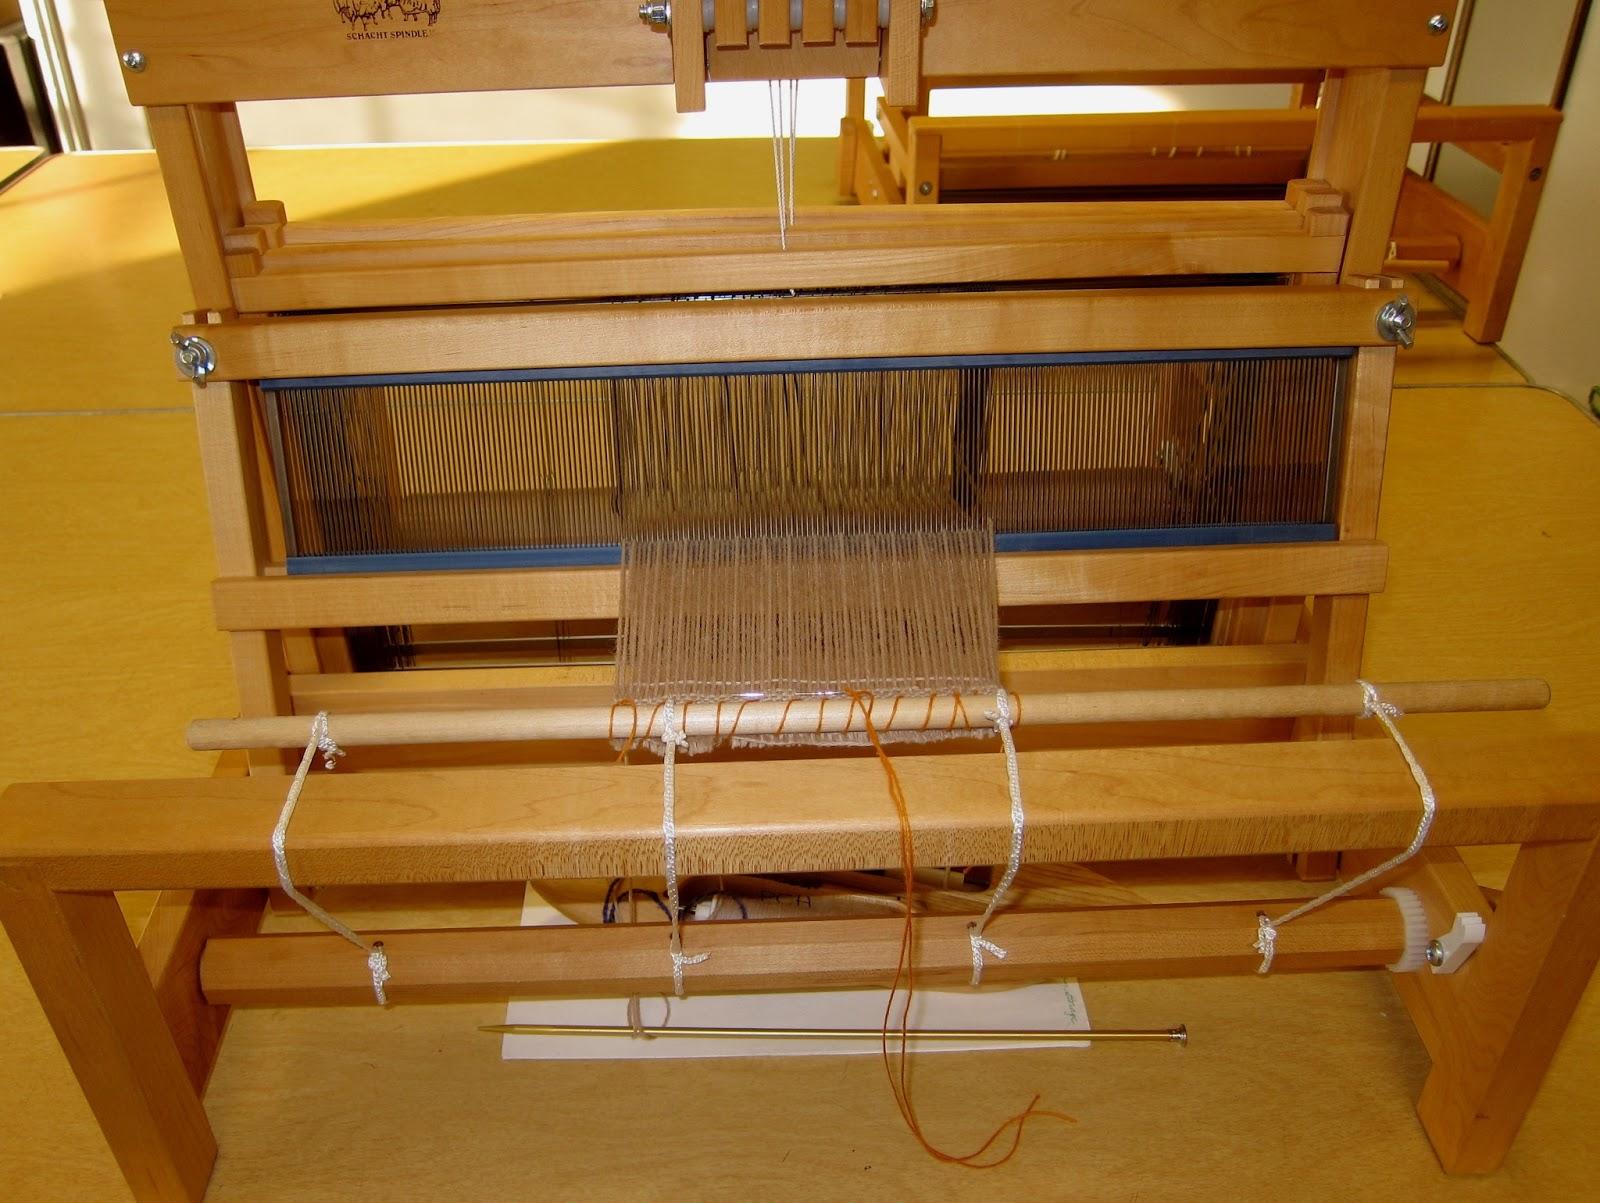 Deanna's Weaving: January 2013